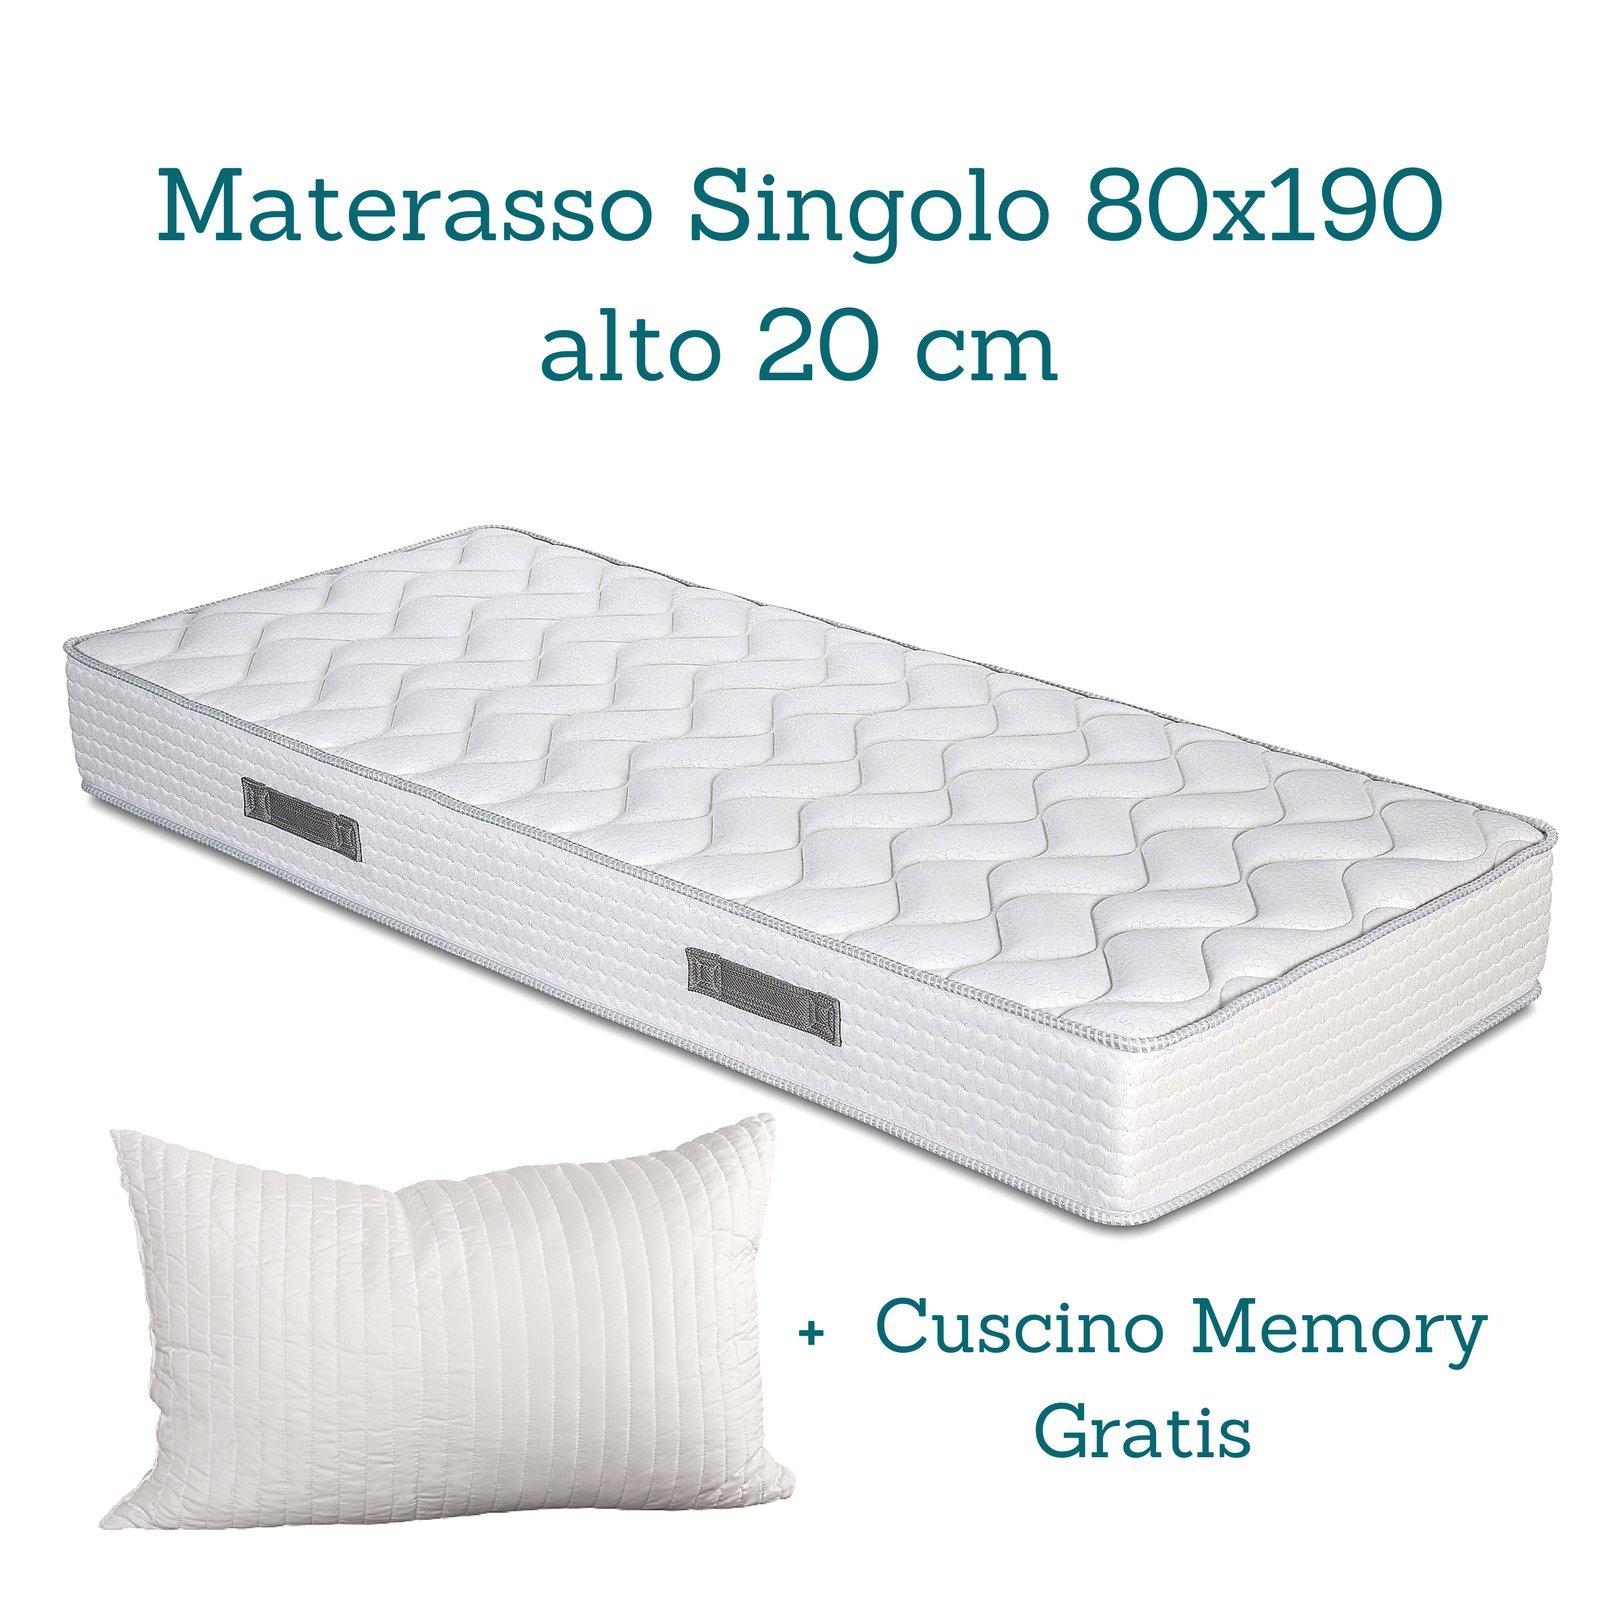 Evergreenweb - Kit Rete e Materasso Alto 20 cm + Cuscini Memory ...